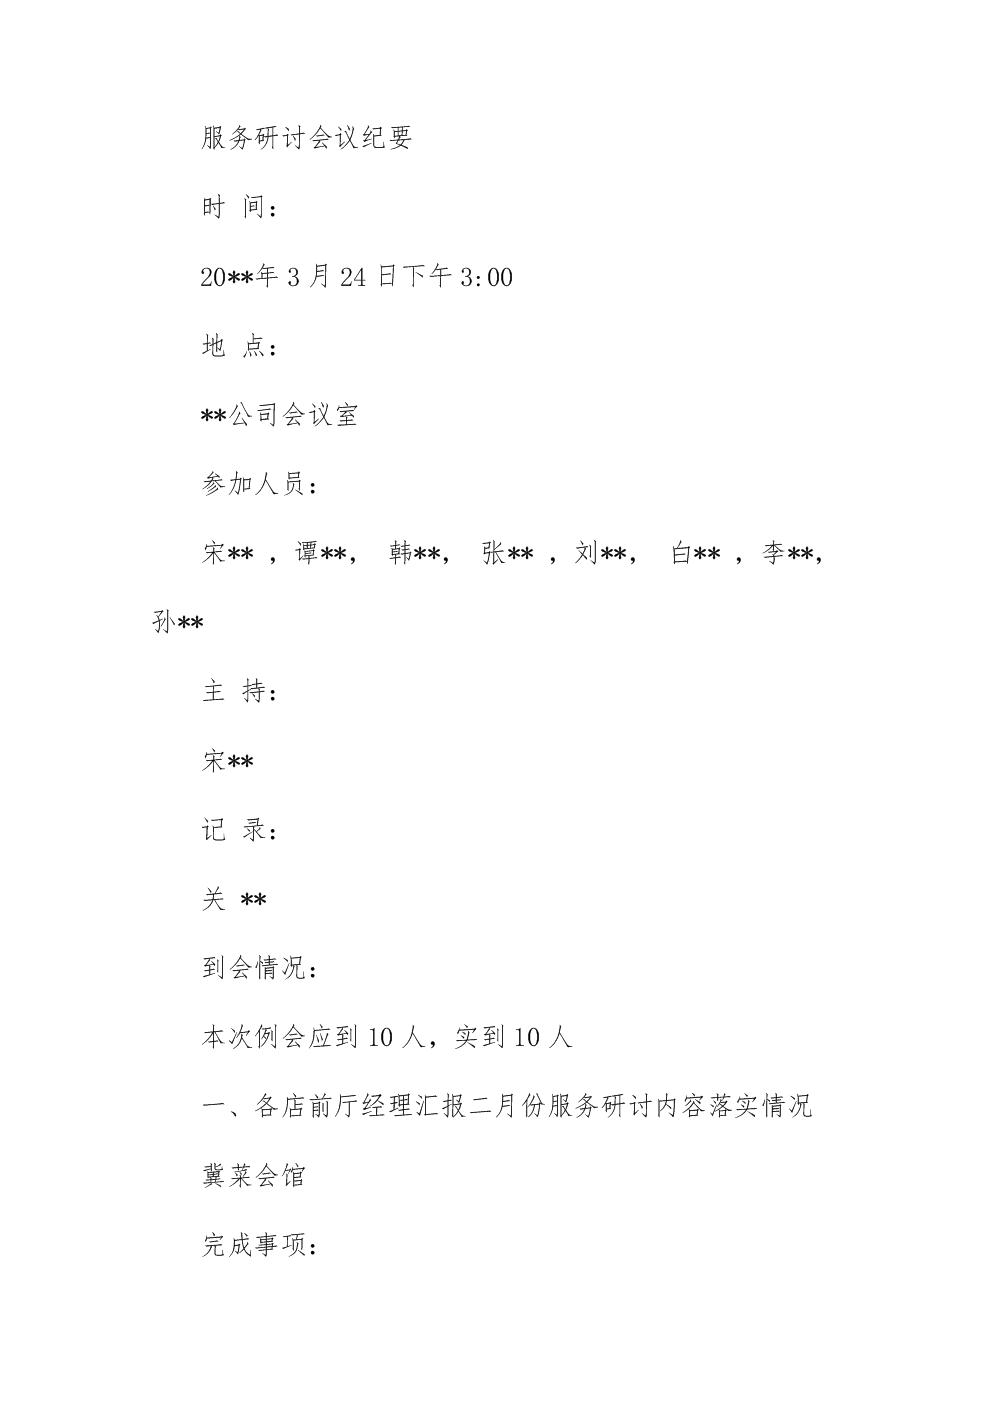 服务研讨会议纪要资料.doc